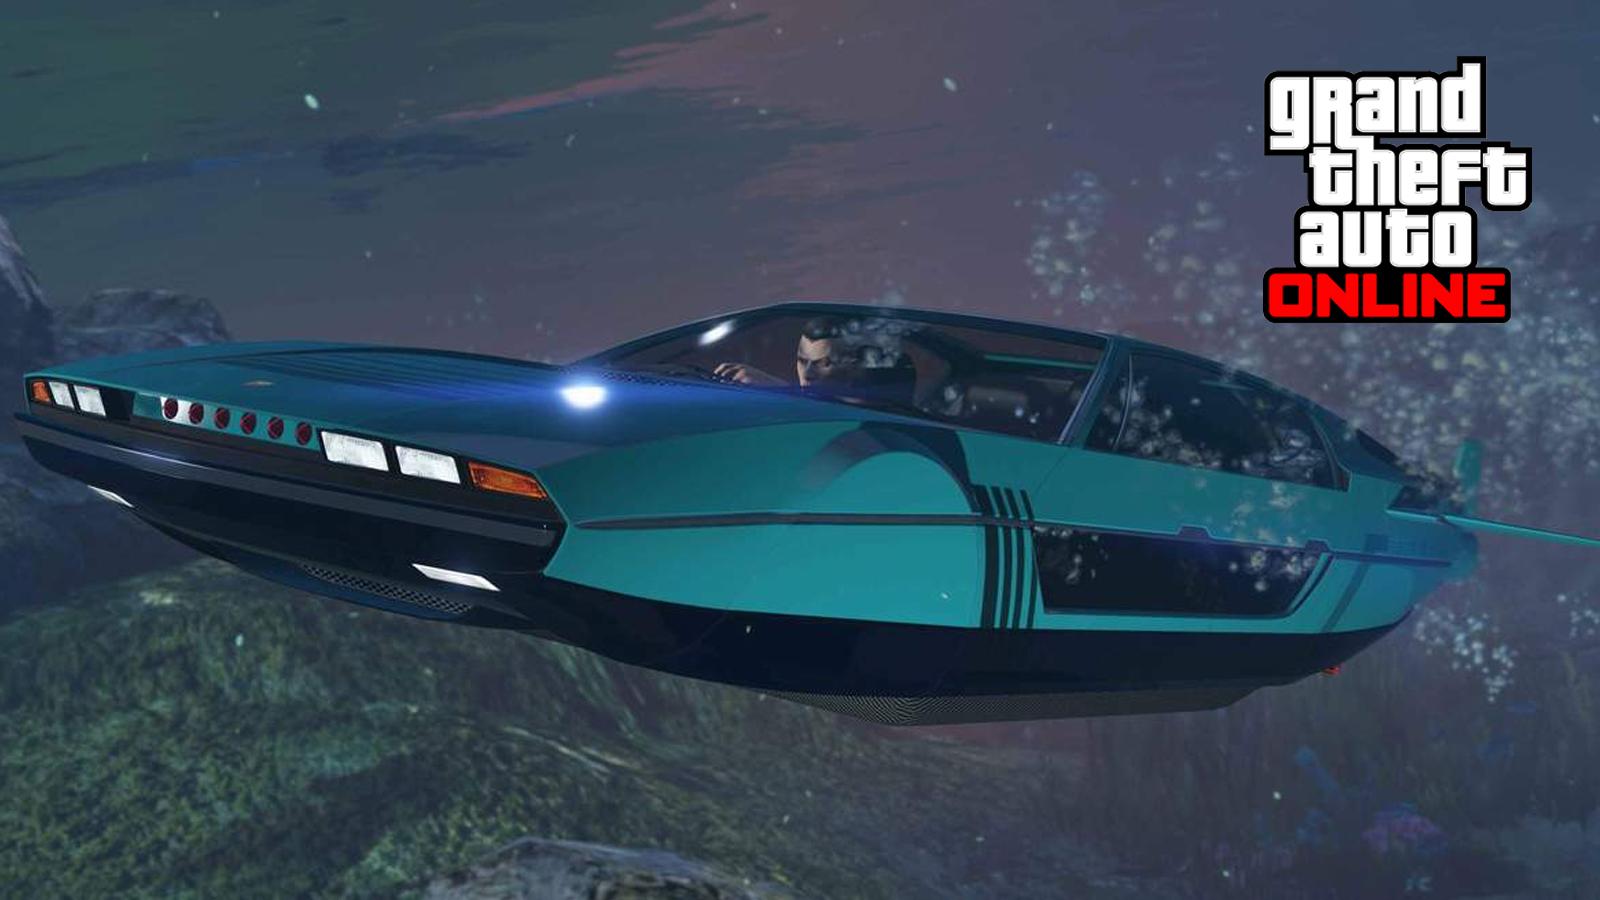 Toreador submarino GTA Online